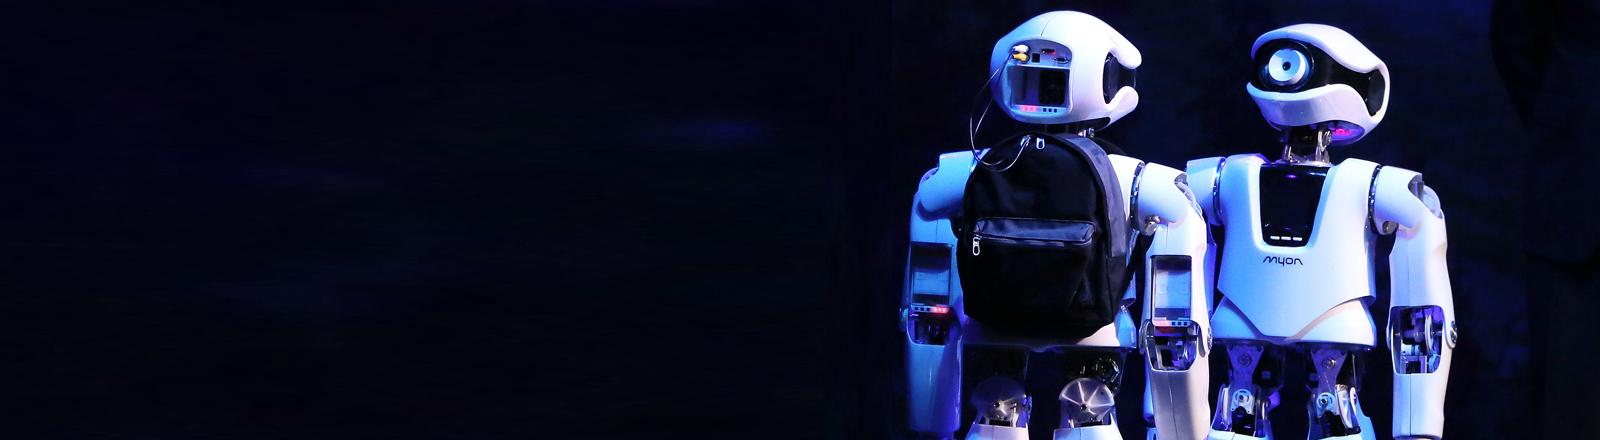 """Roboter Myon (M. l) begegnet am 18.06.2015 in Berlin bei der Probe zur Oper """"My Square Lady"""" auf der Bühne der Komischen Oper einem baugleichen Modell."""